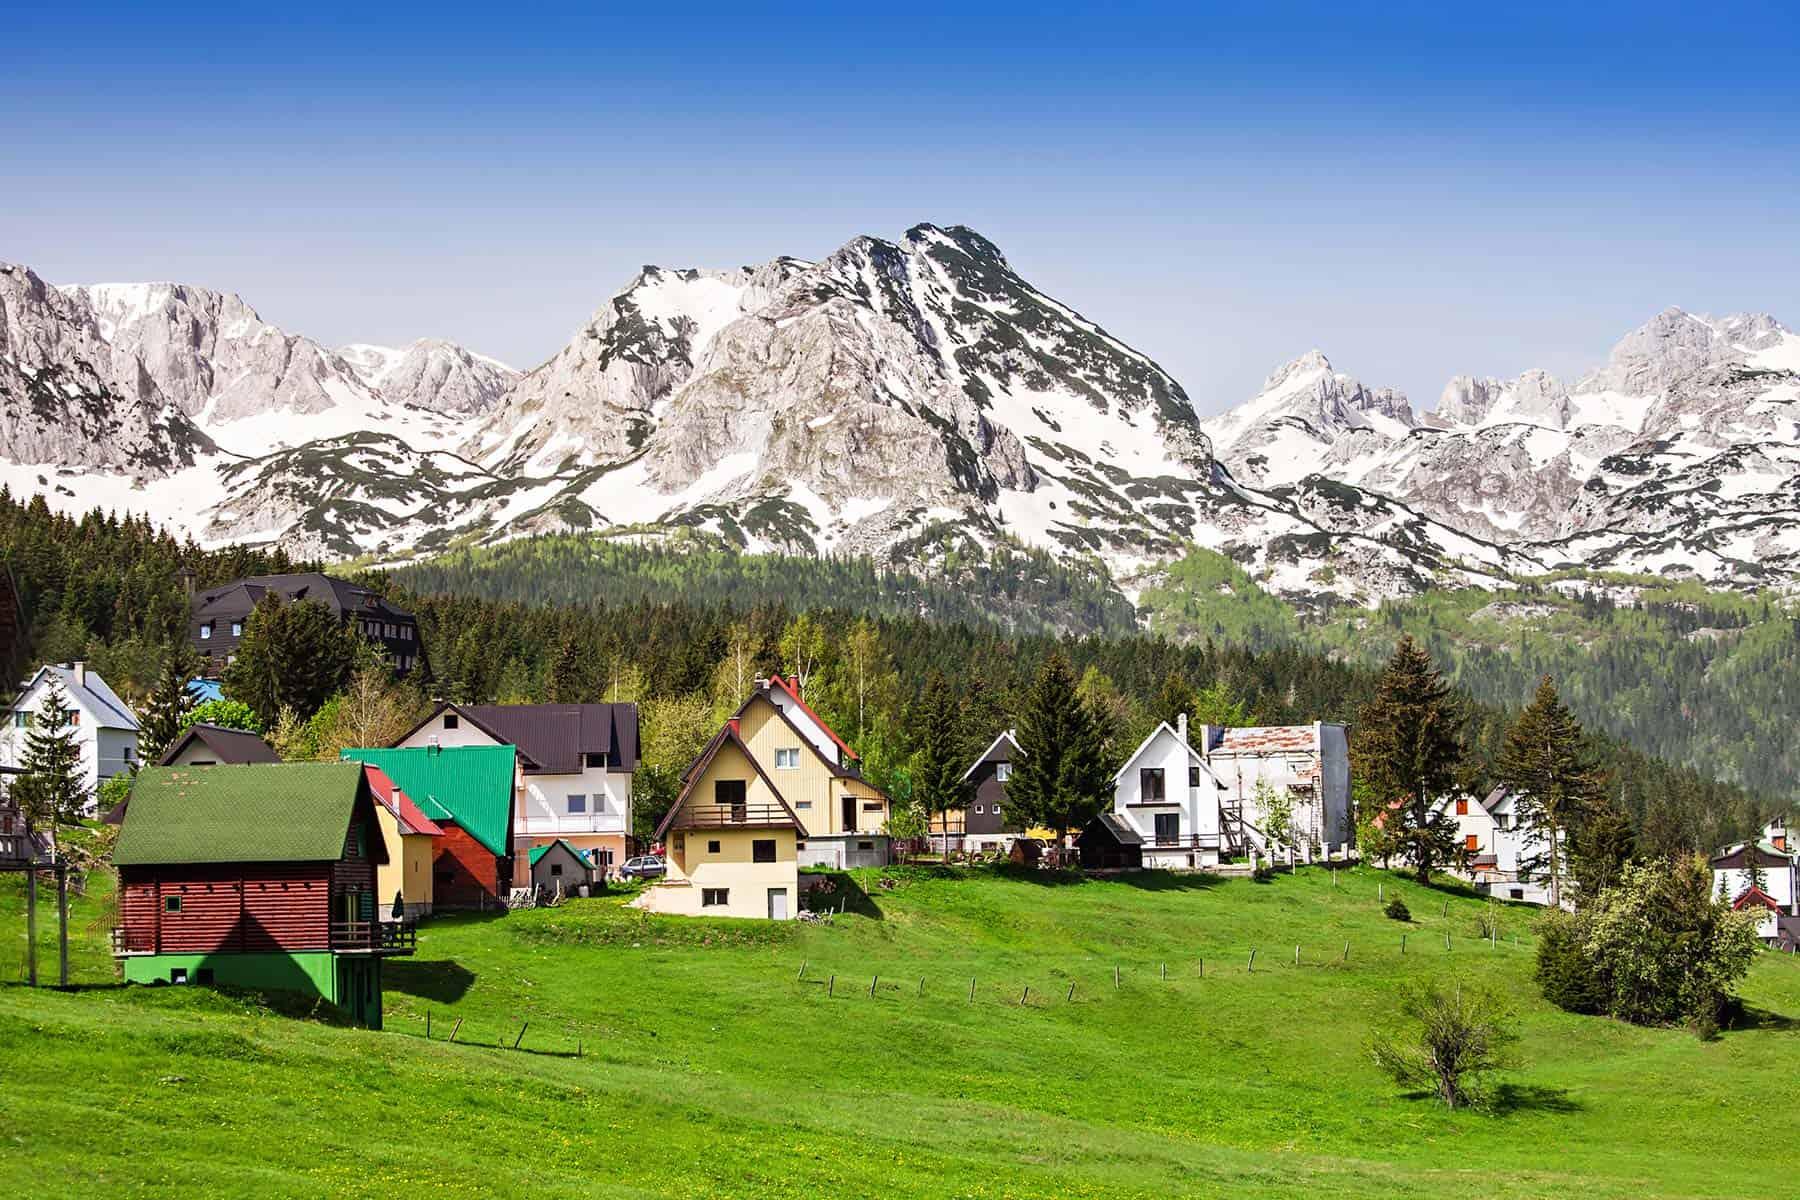 Cozy village in Zabljak mountain area